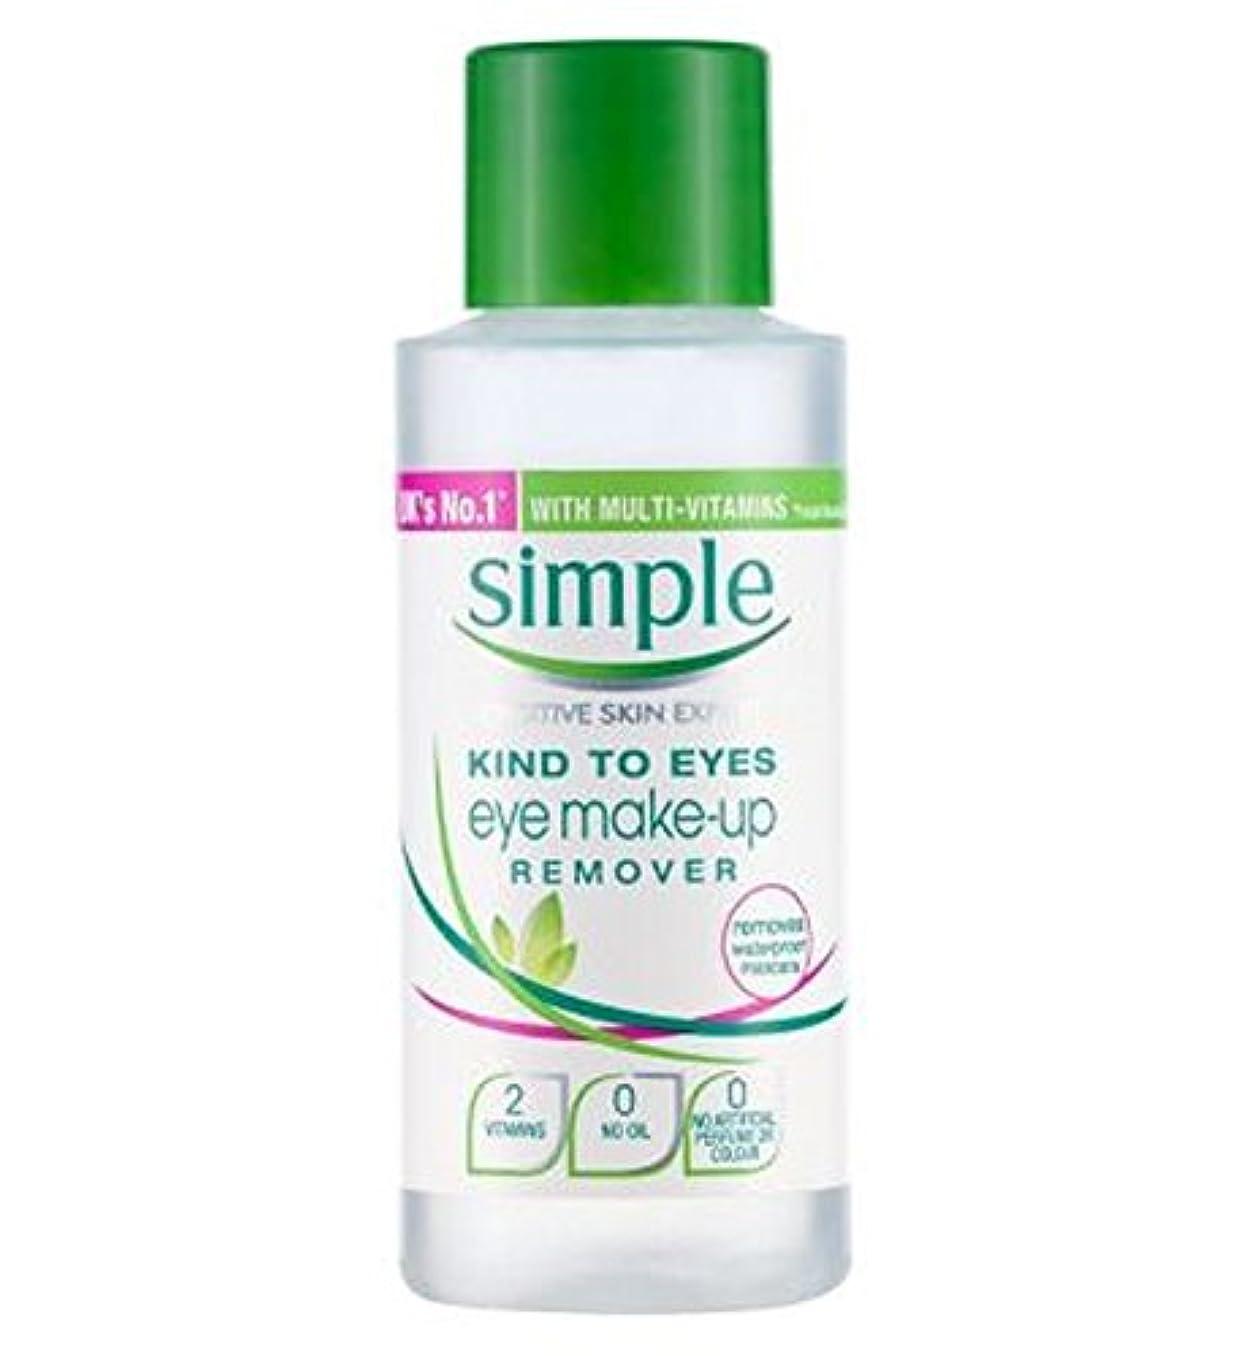 機関車落ち着いて歩行者目のアイメイクアップリムーバーの50ミリリットルへの単純な種類 (Simple) (x2) - Simple Kind to Eyes Eye Make-Up Remover 50ml (Pack of 2) [並行輸入品]